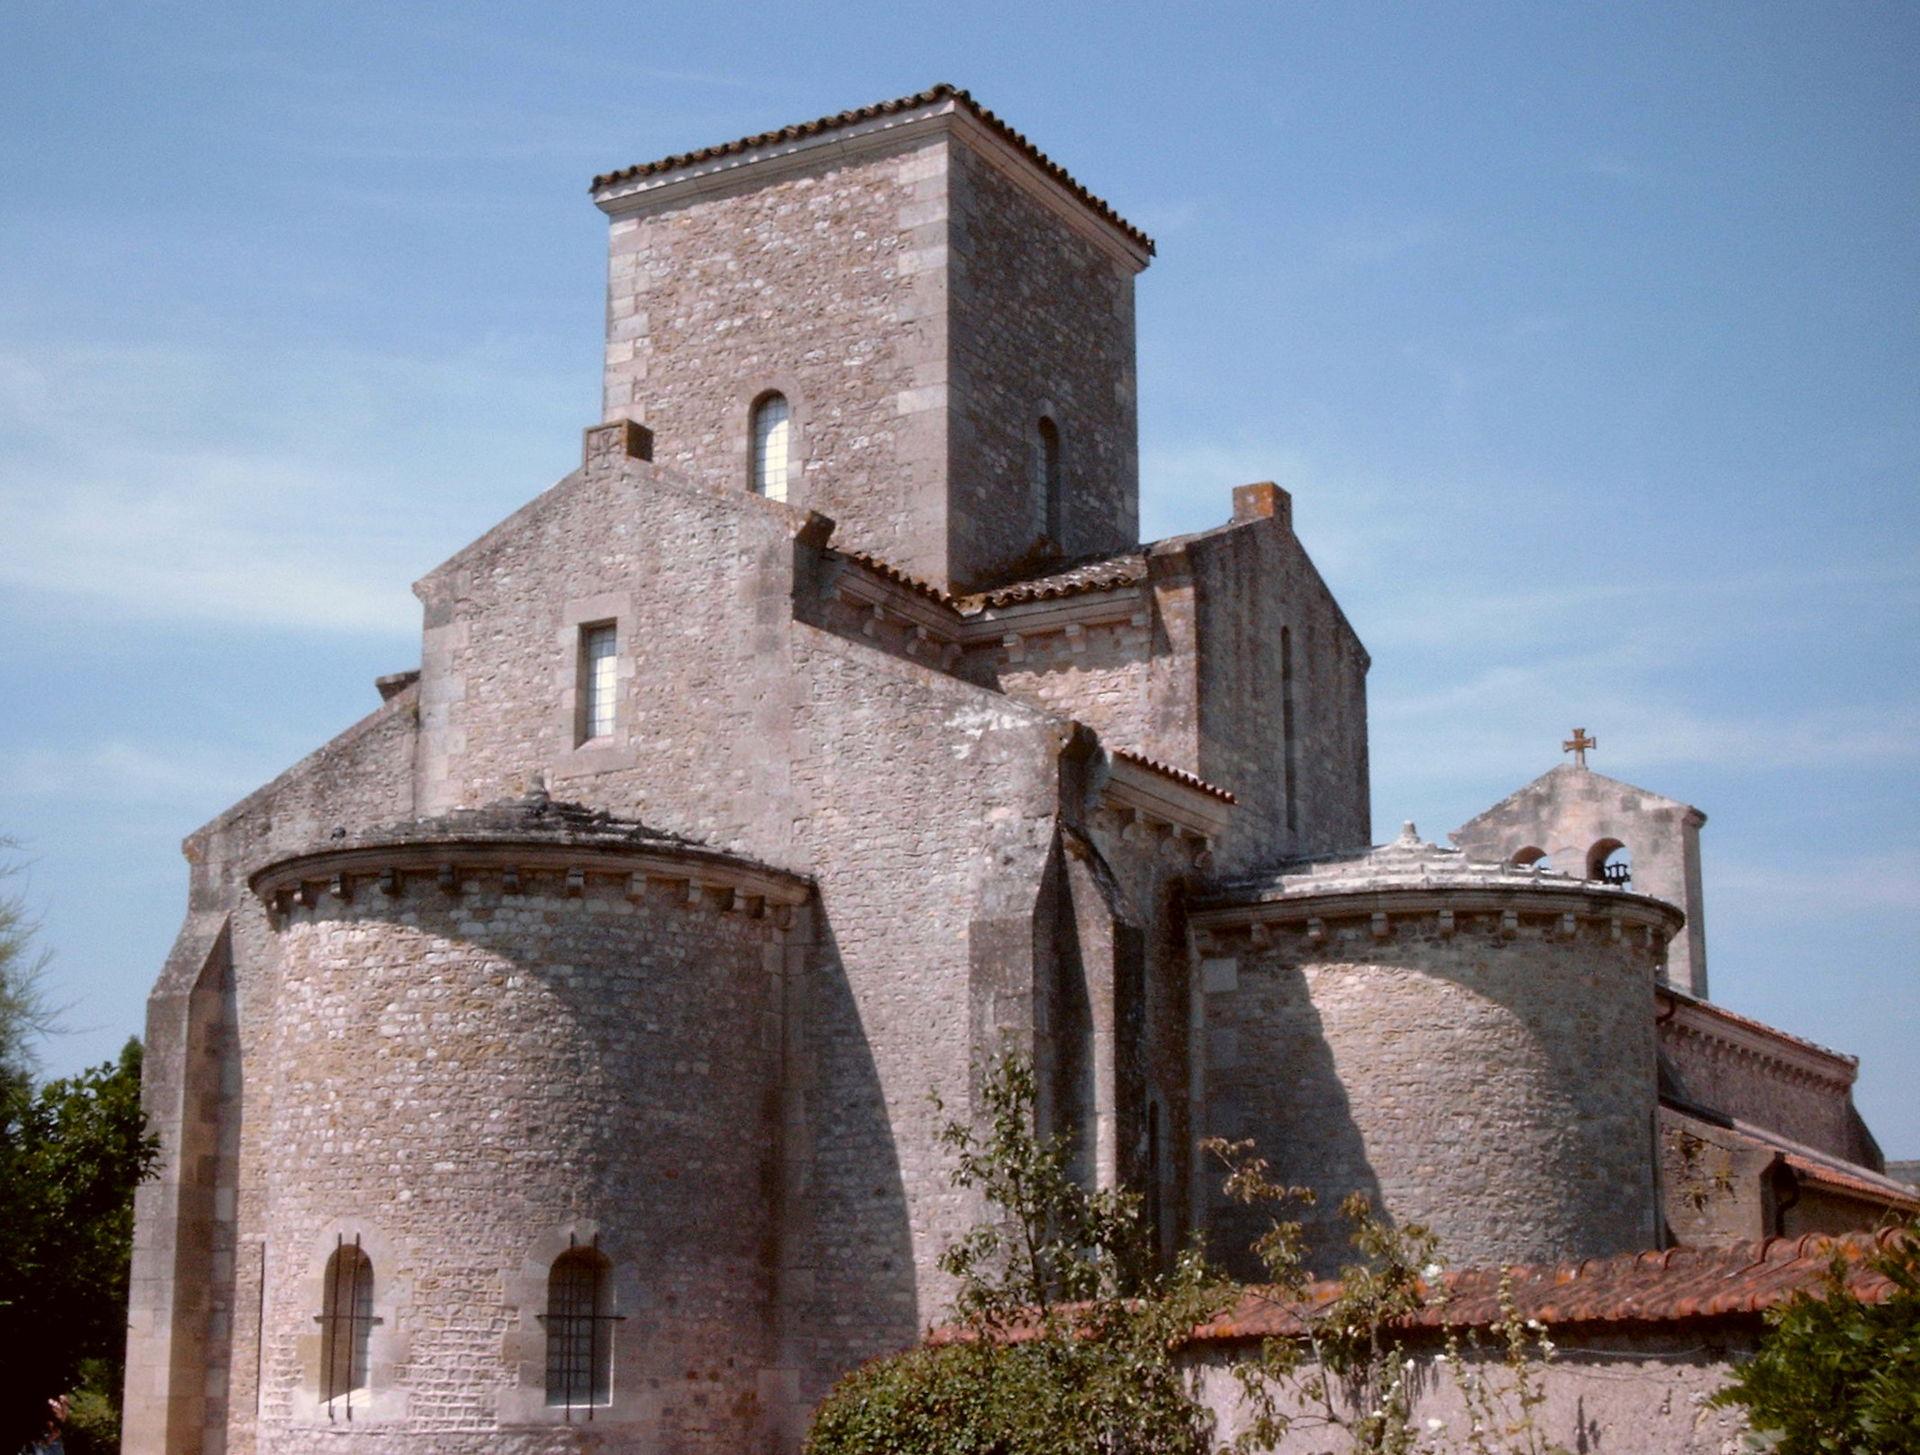 Kerk van germigny wikipedia - Oostelijke mozaiek ...